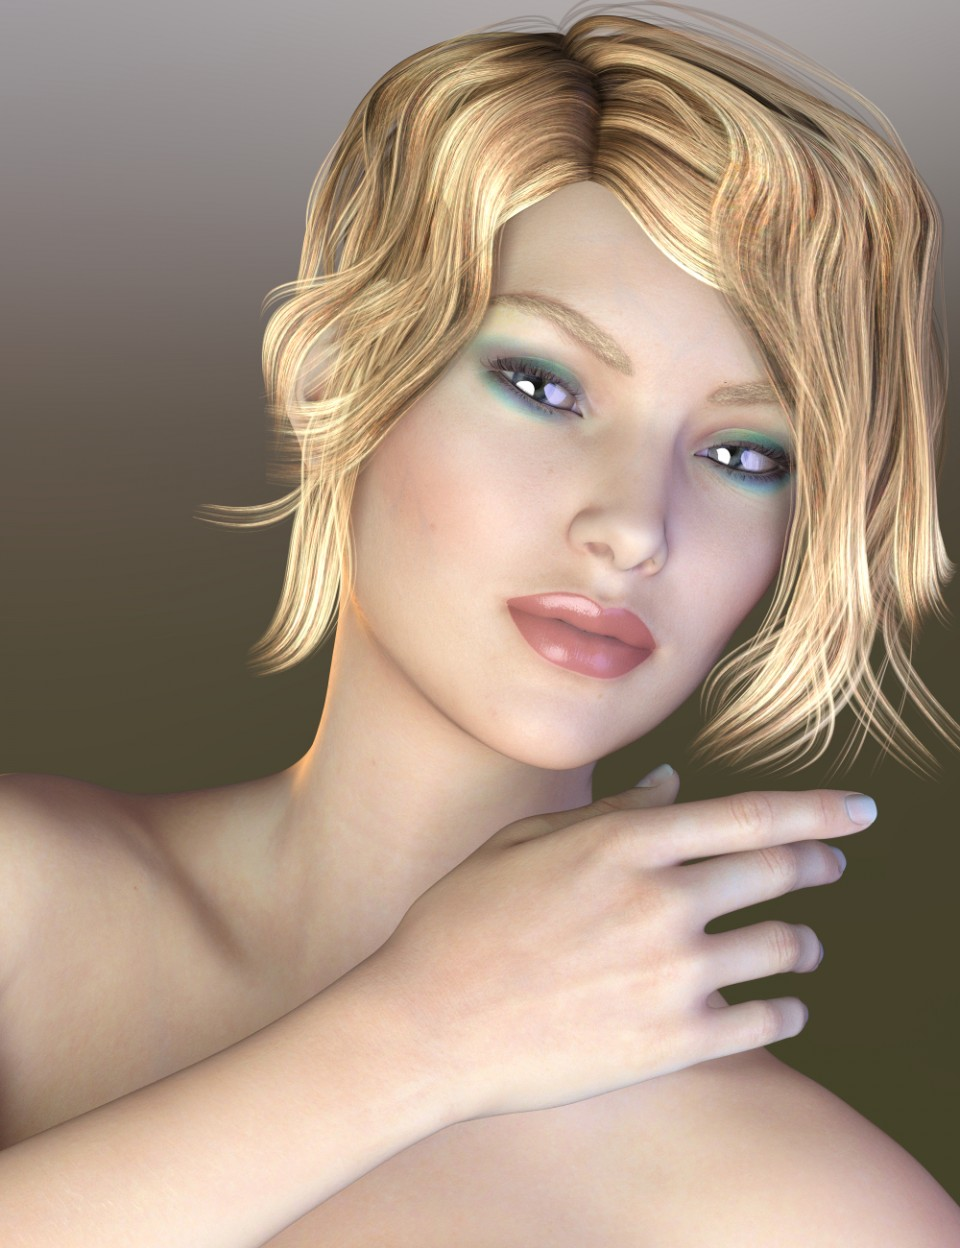 DAZ 3D - Beautiful Skin Iray Genesis 3 Female(s)|Poser and DAZ